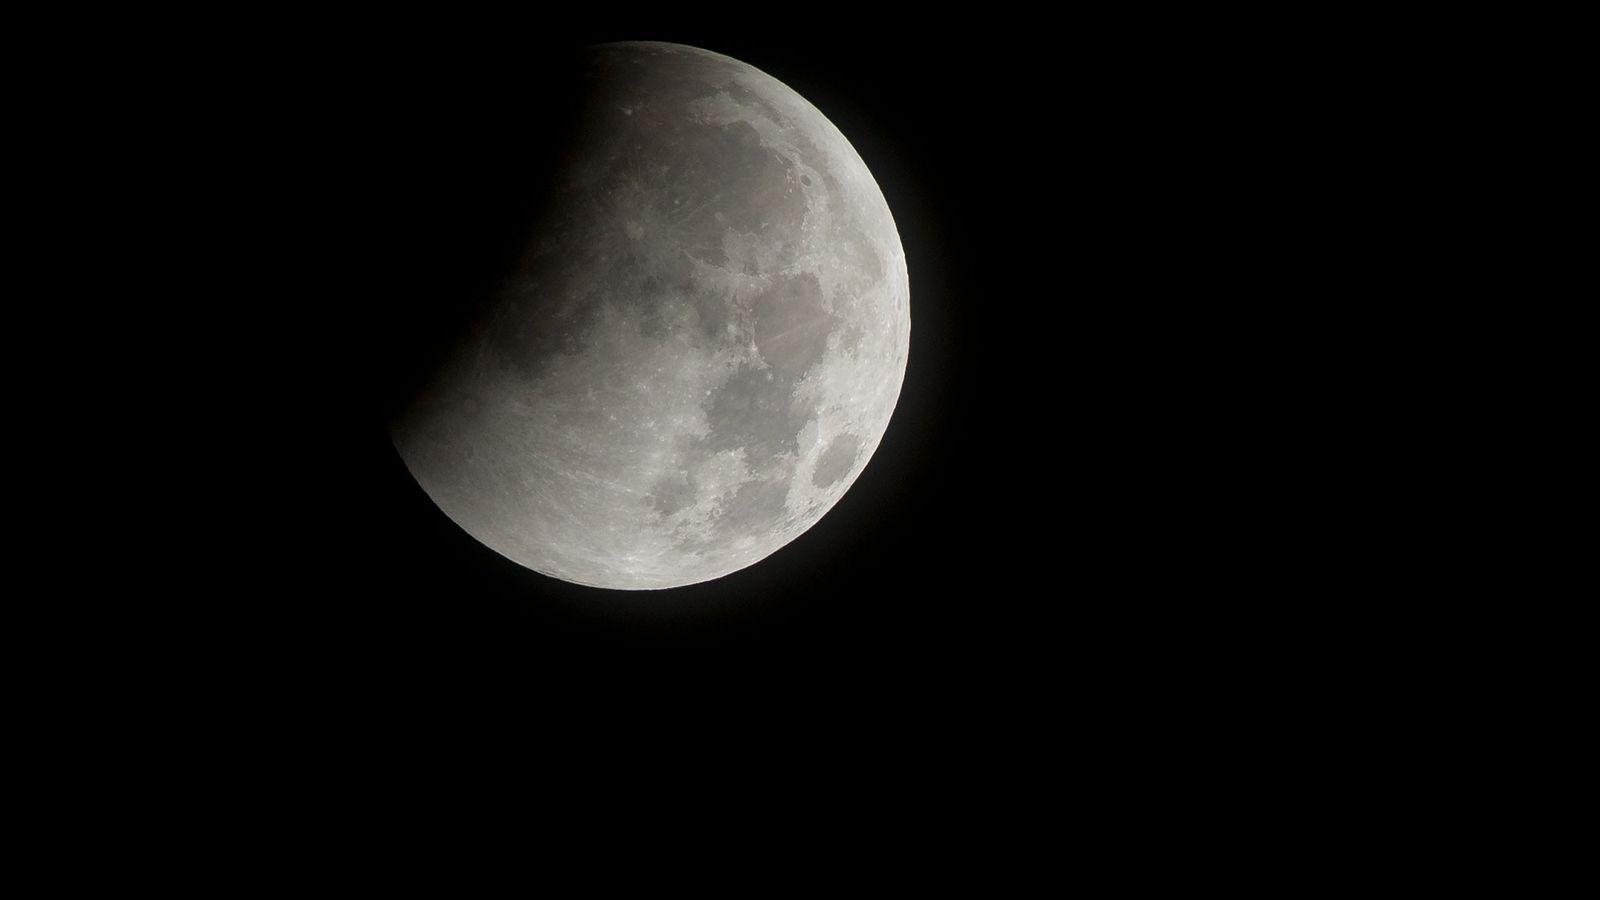 Lors de l'éclipse lunaire totale de décembre 2010, l'ombre de la Terre gagne la Lune.